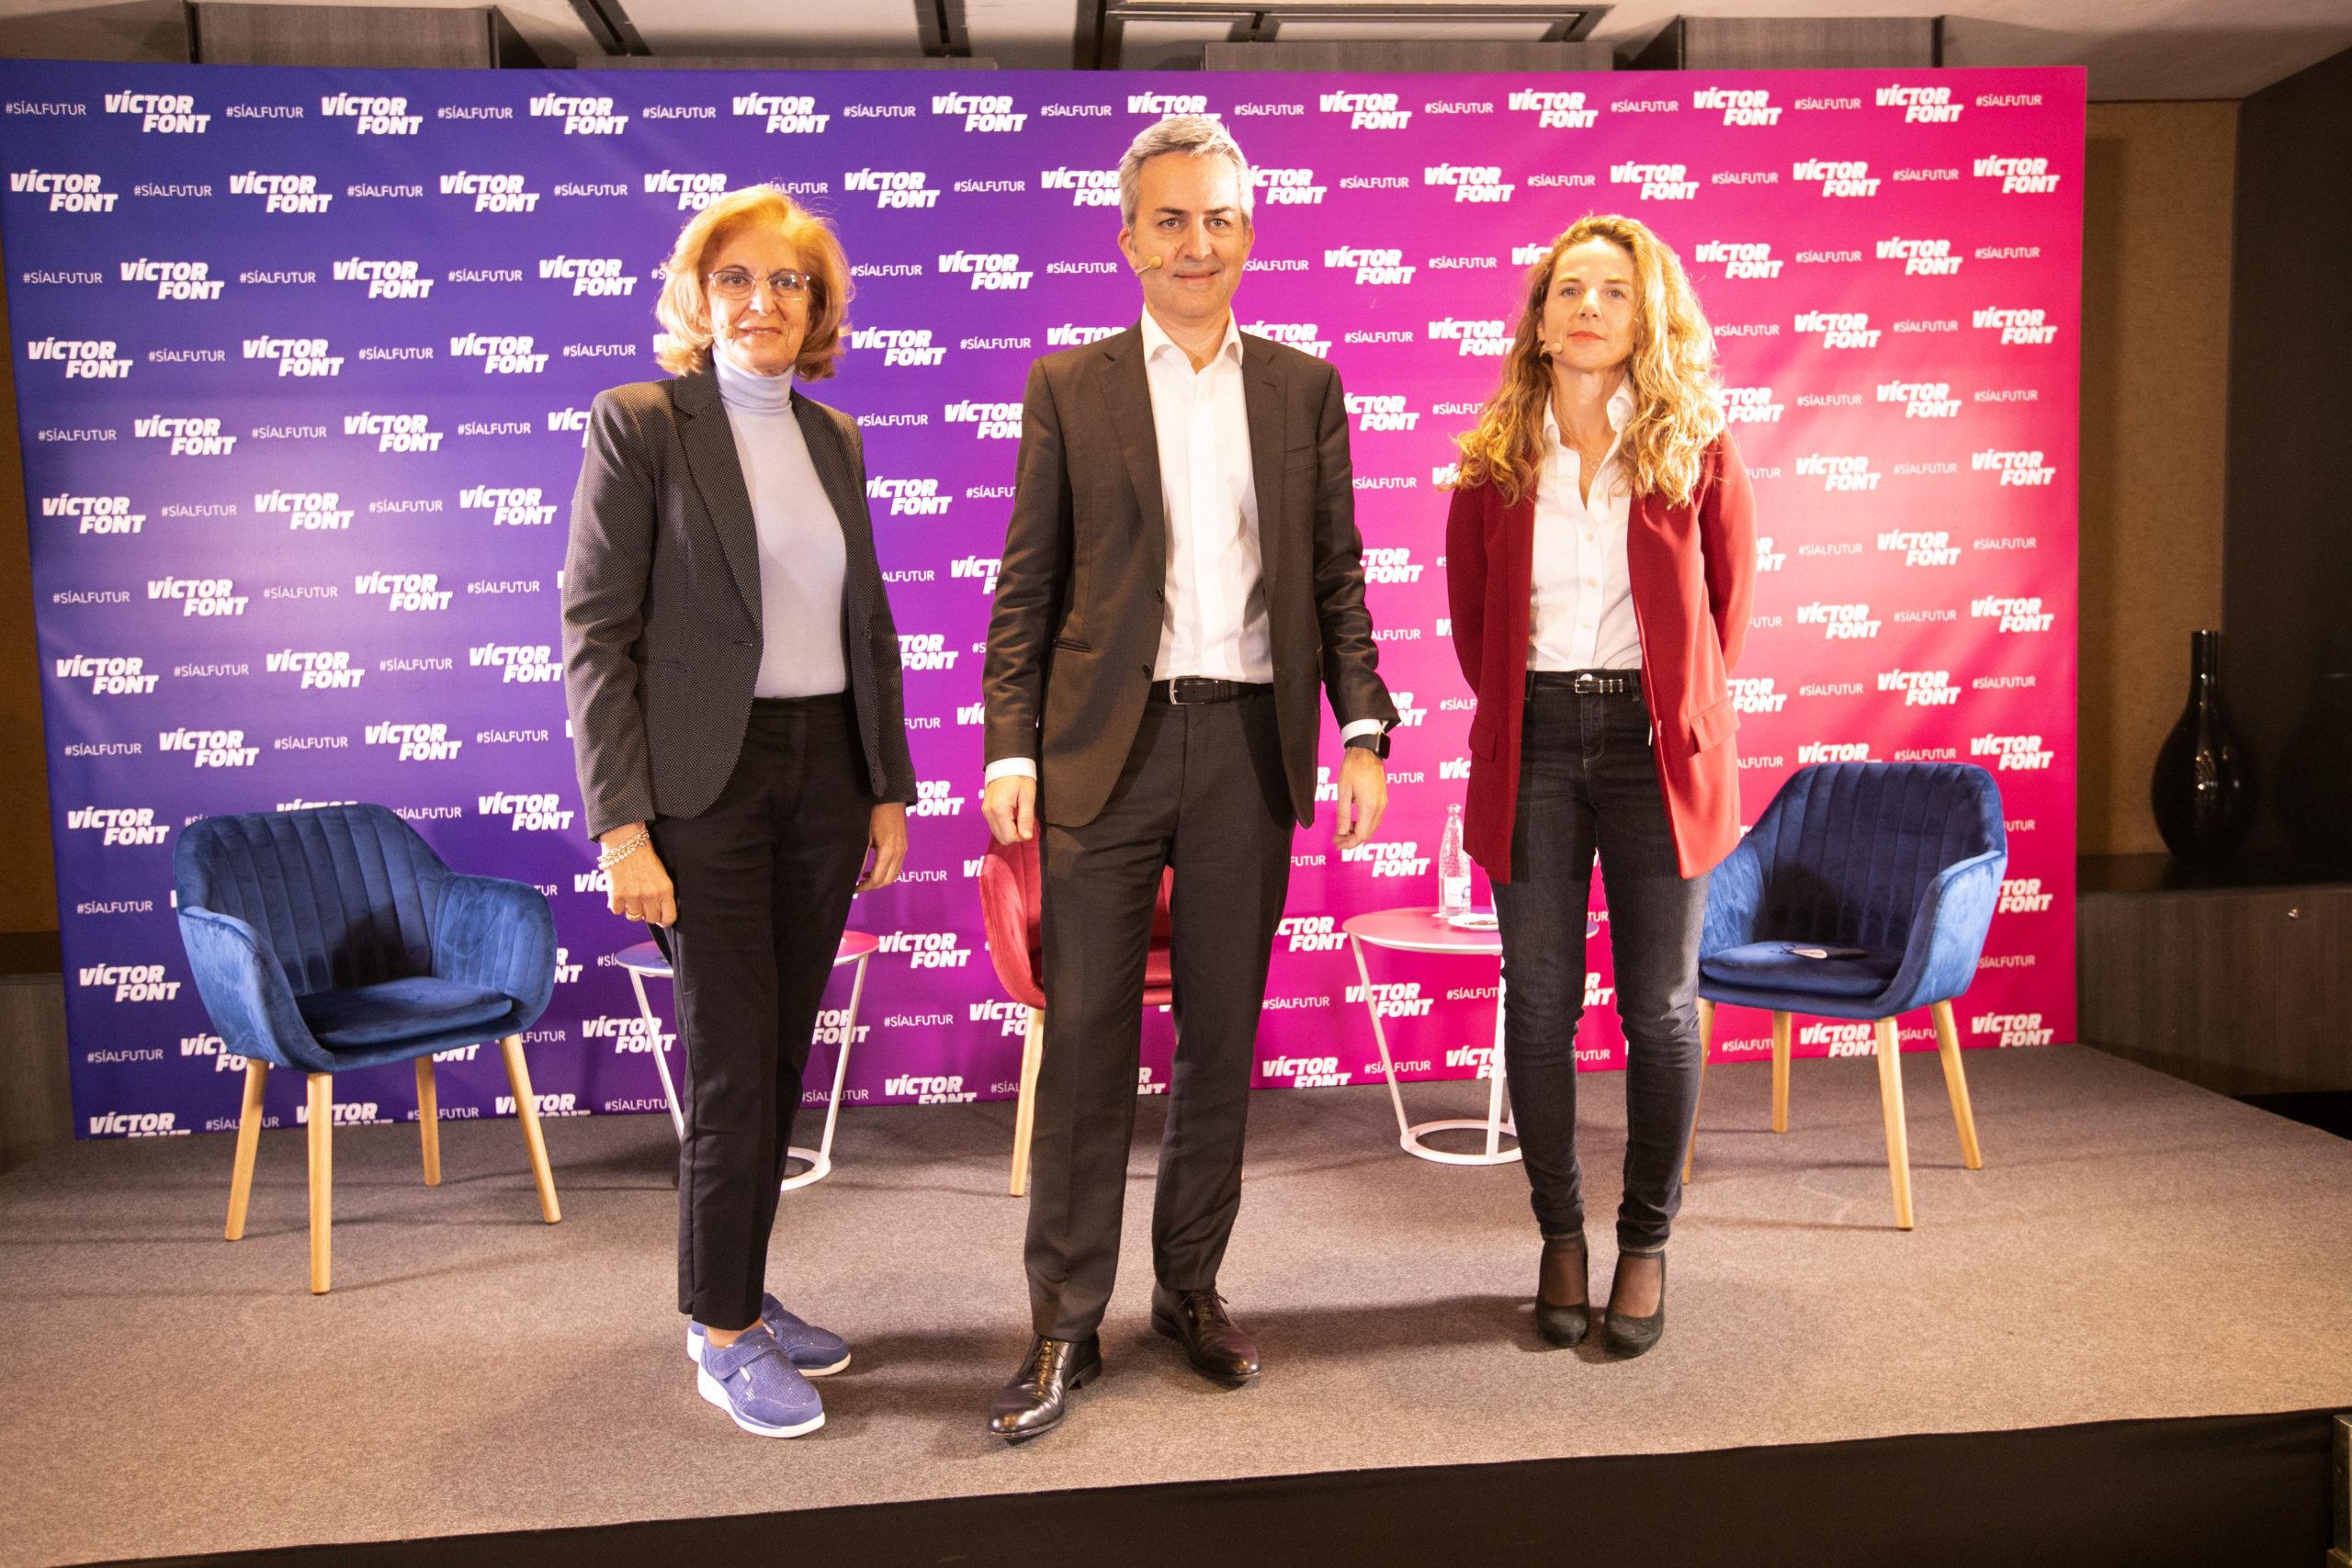 Joana Barbany y Mª Teresa Andreu, primeras consejeras de Sí al futur